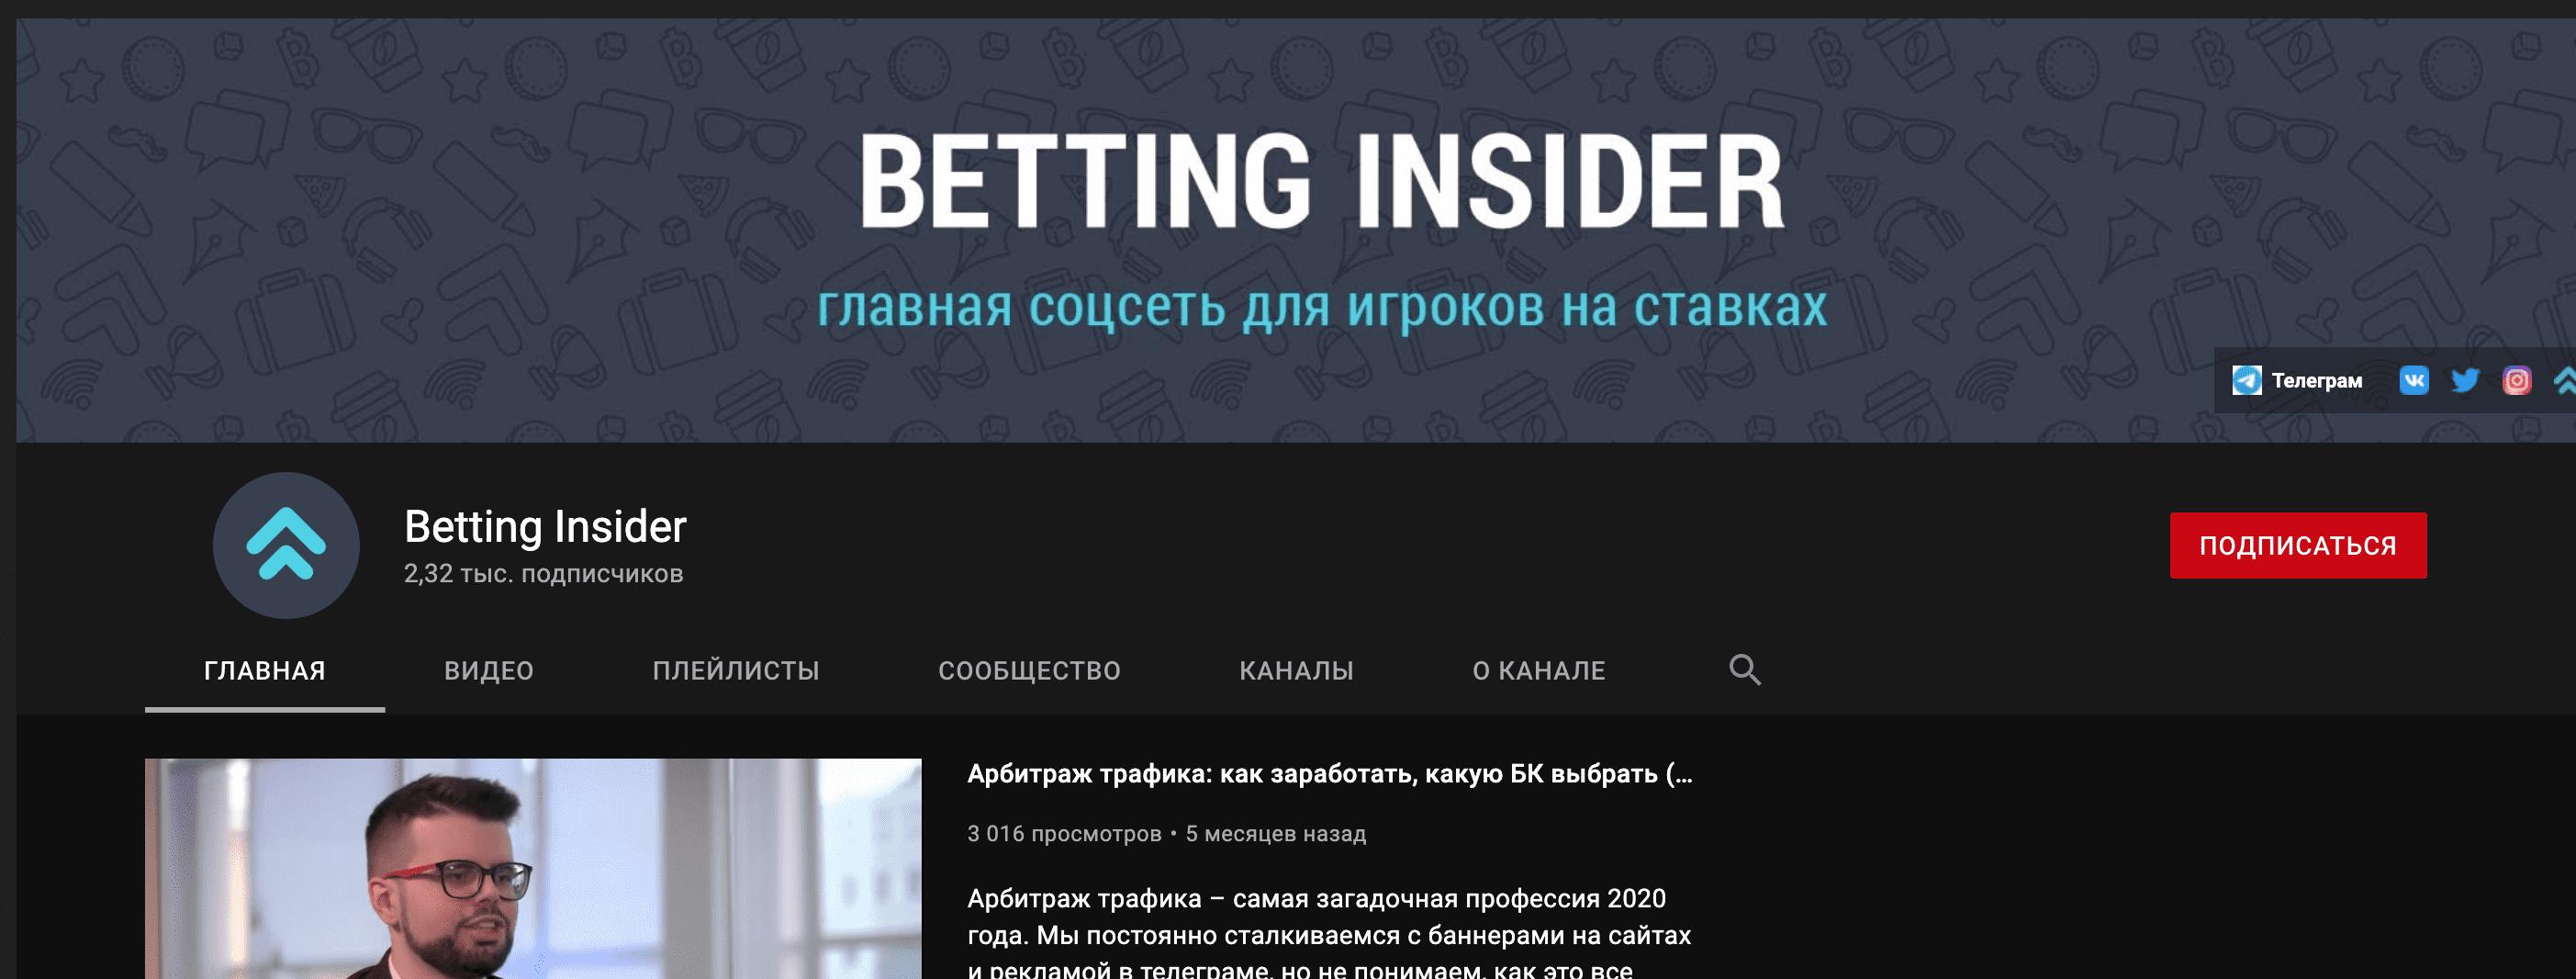 Ютуб канал Bet insider (Беттинг Инсайдер)